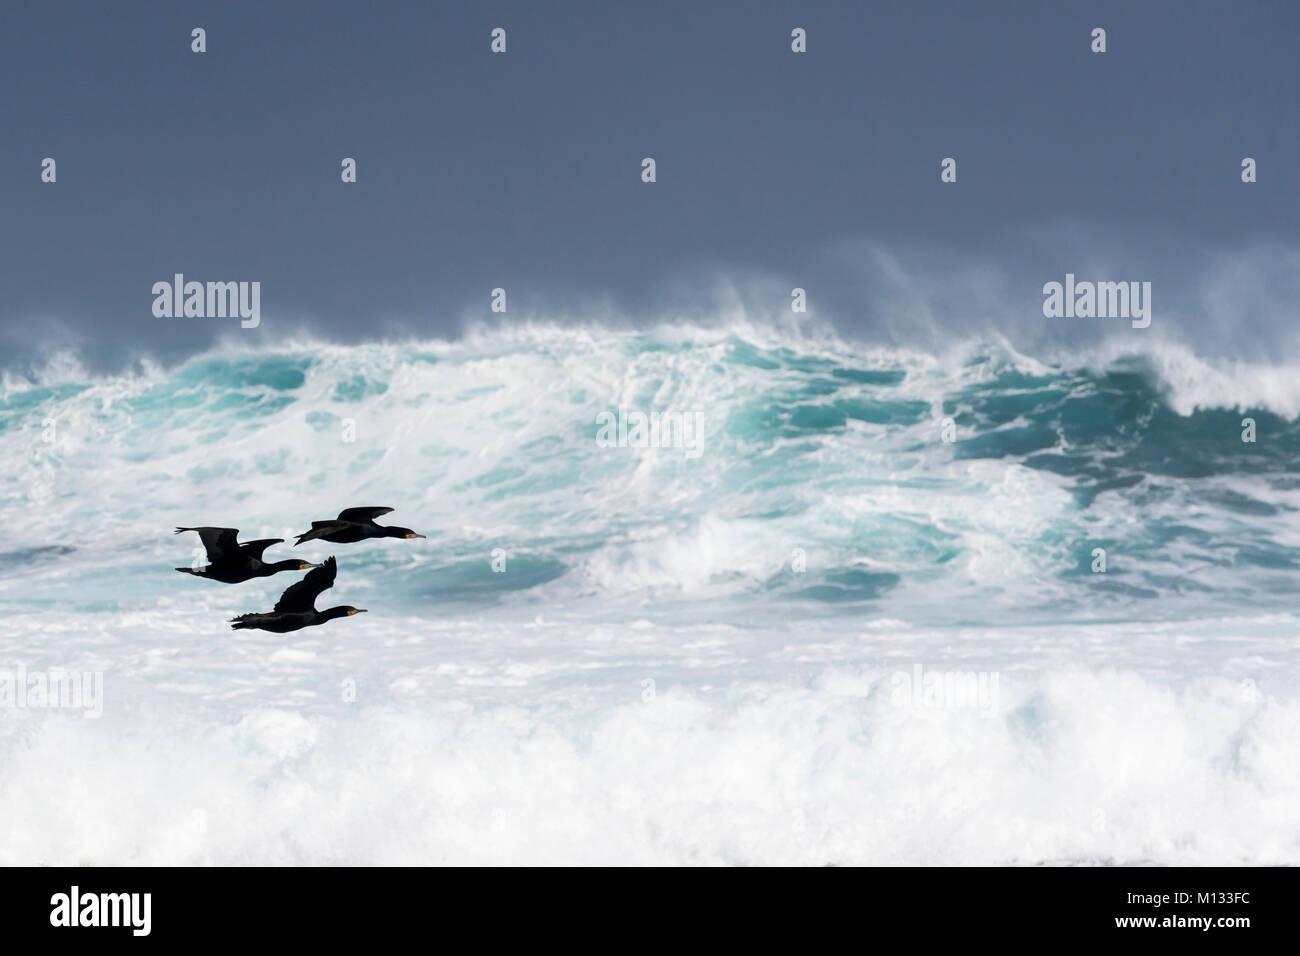 Drei Kap Kormoran (Phalacrocorax capensis) Fliegen über rauhe See, Kap der Guten Hoffnung, Cape Peninsula, Stockbild